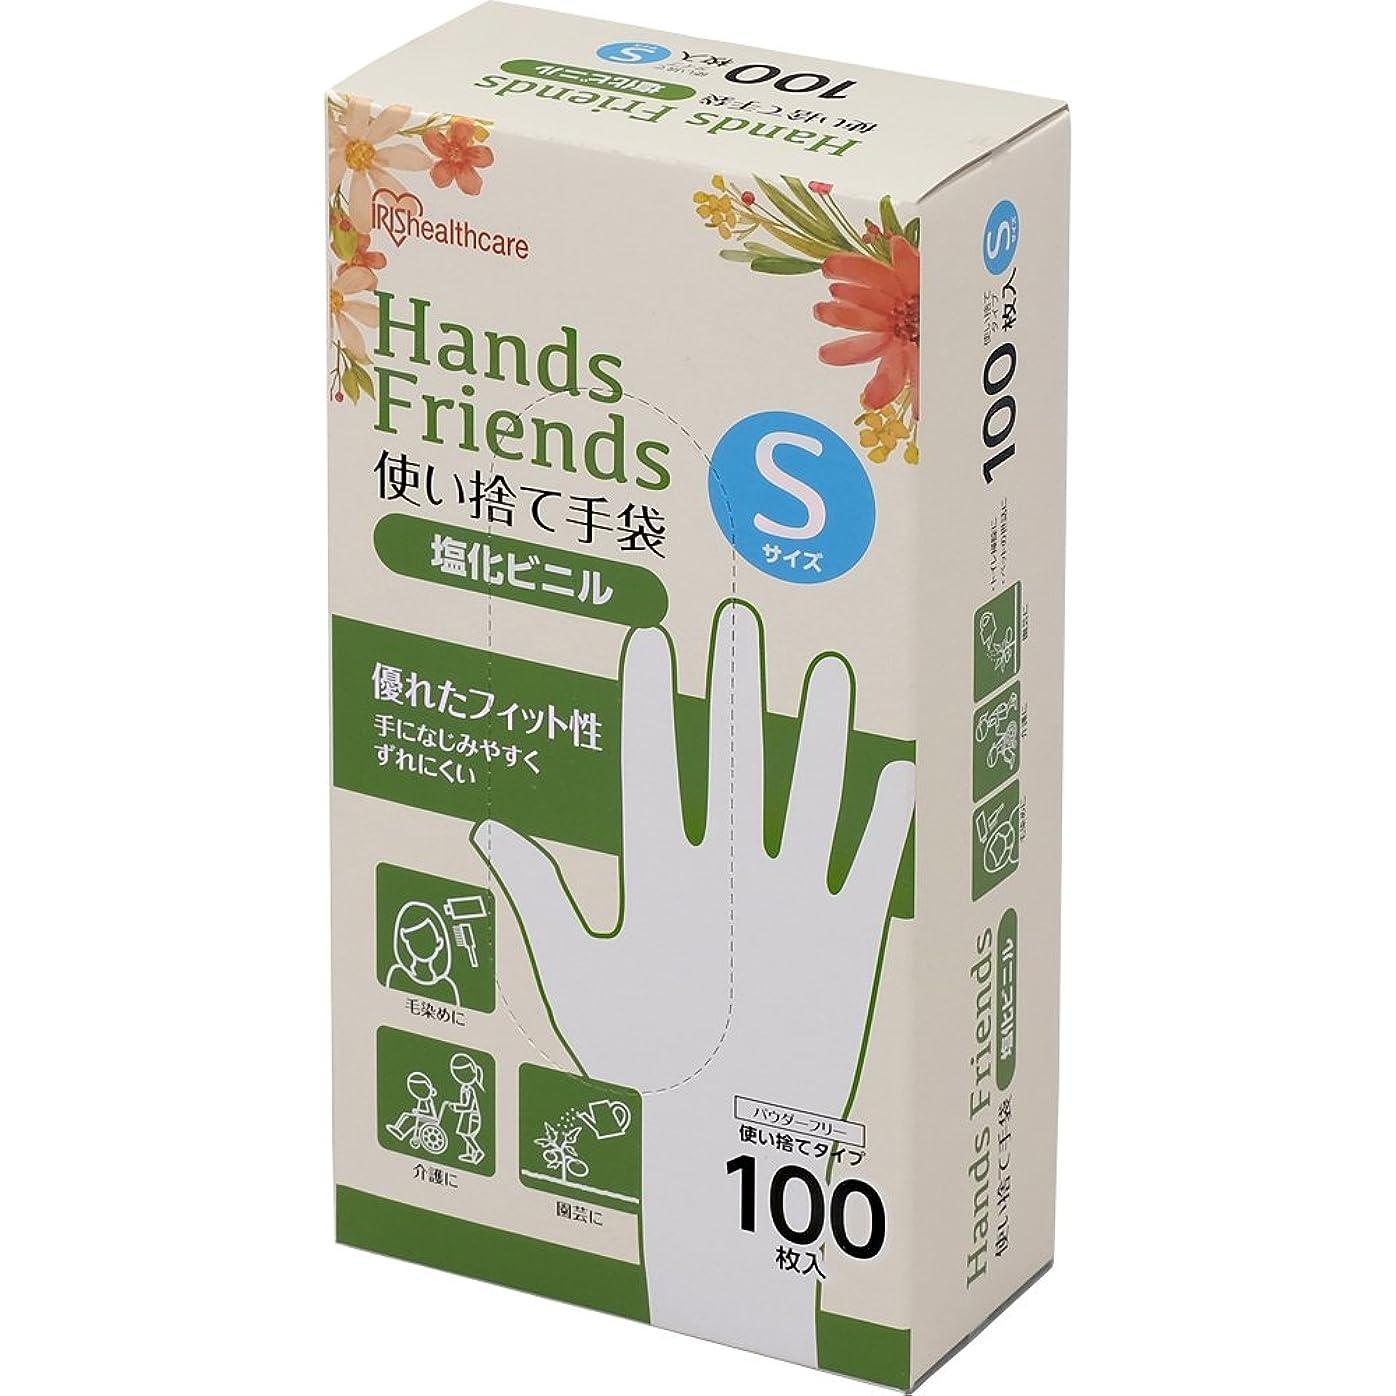 回復するテロ扱いやすい使い捨て手袋 クリア 塩化ビニル 100枚 Sサイズ PVC-100S